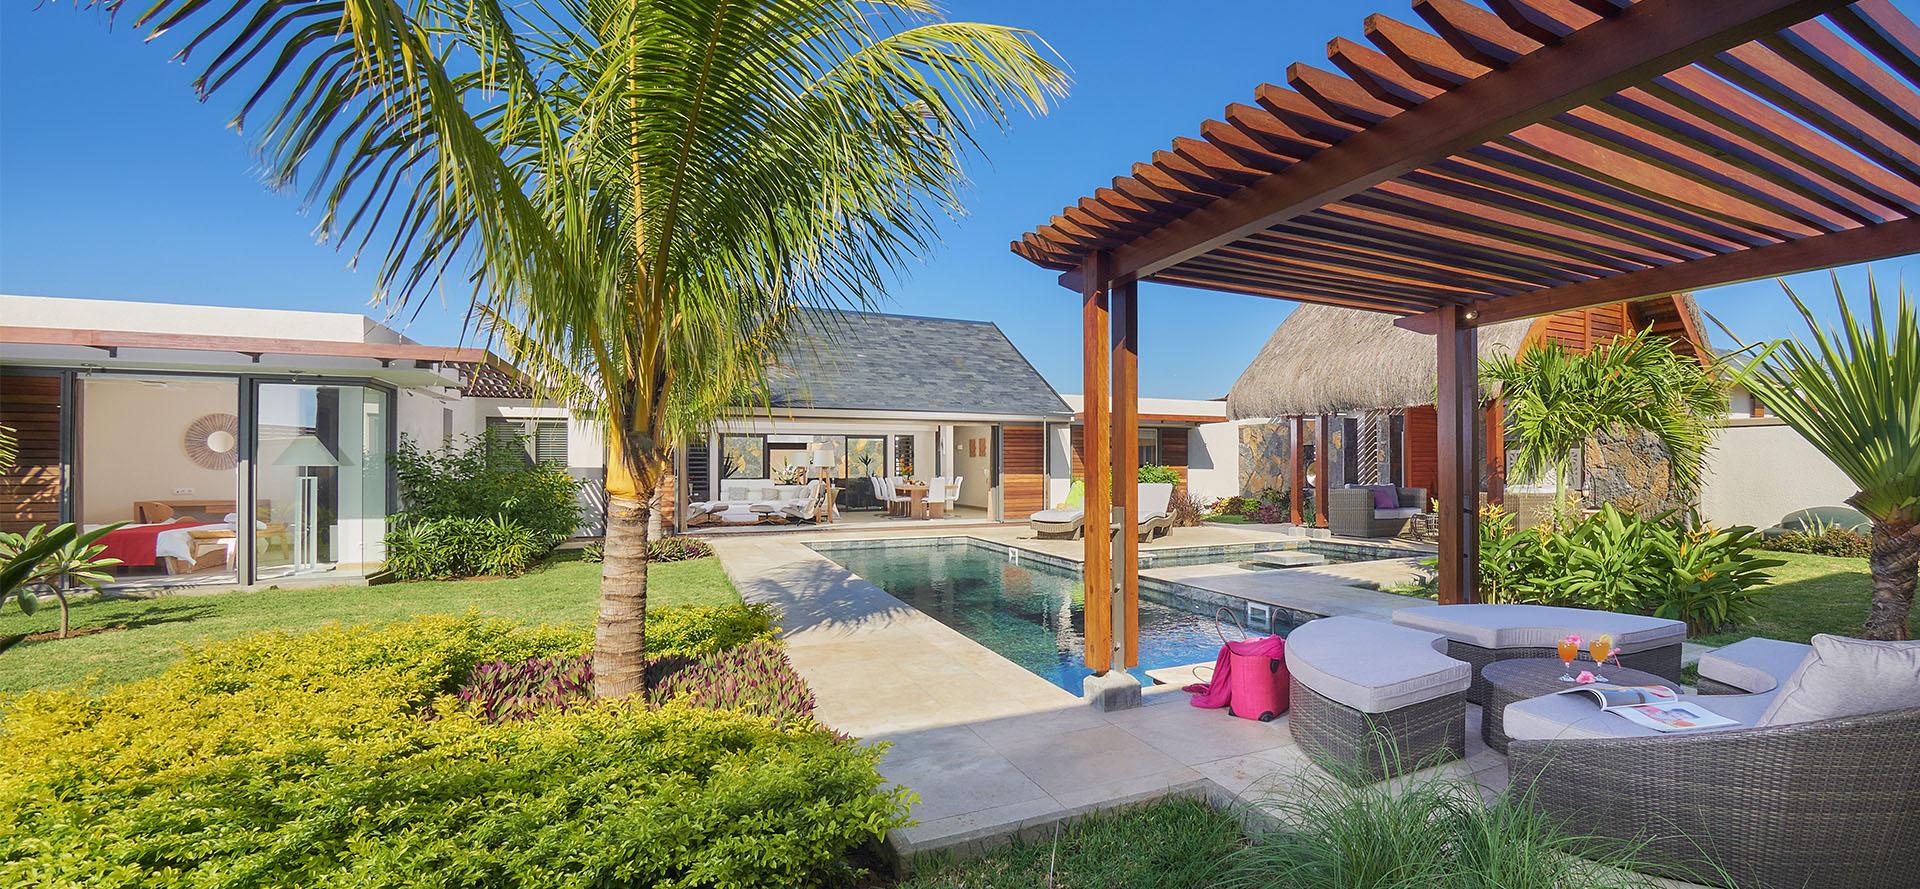 Clos du Littoral Ile Maurice Villa RES 4 chambres à vendre Clos Du Littoral